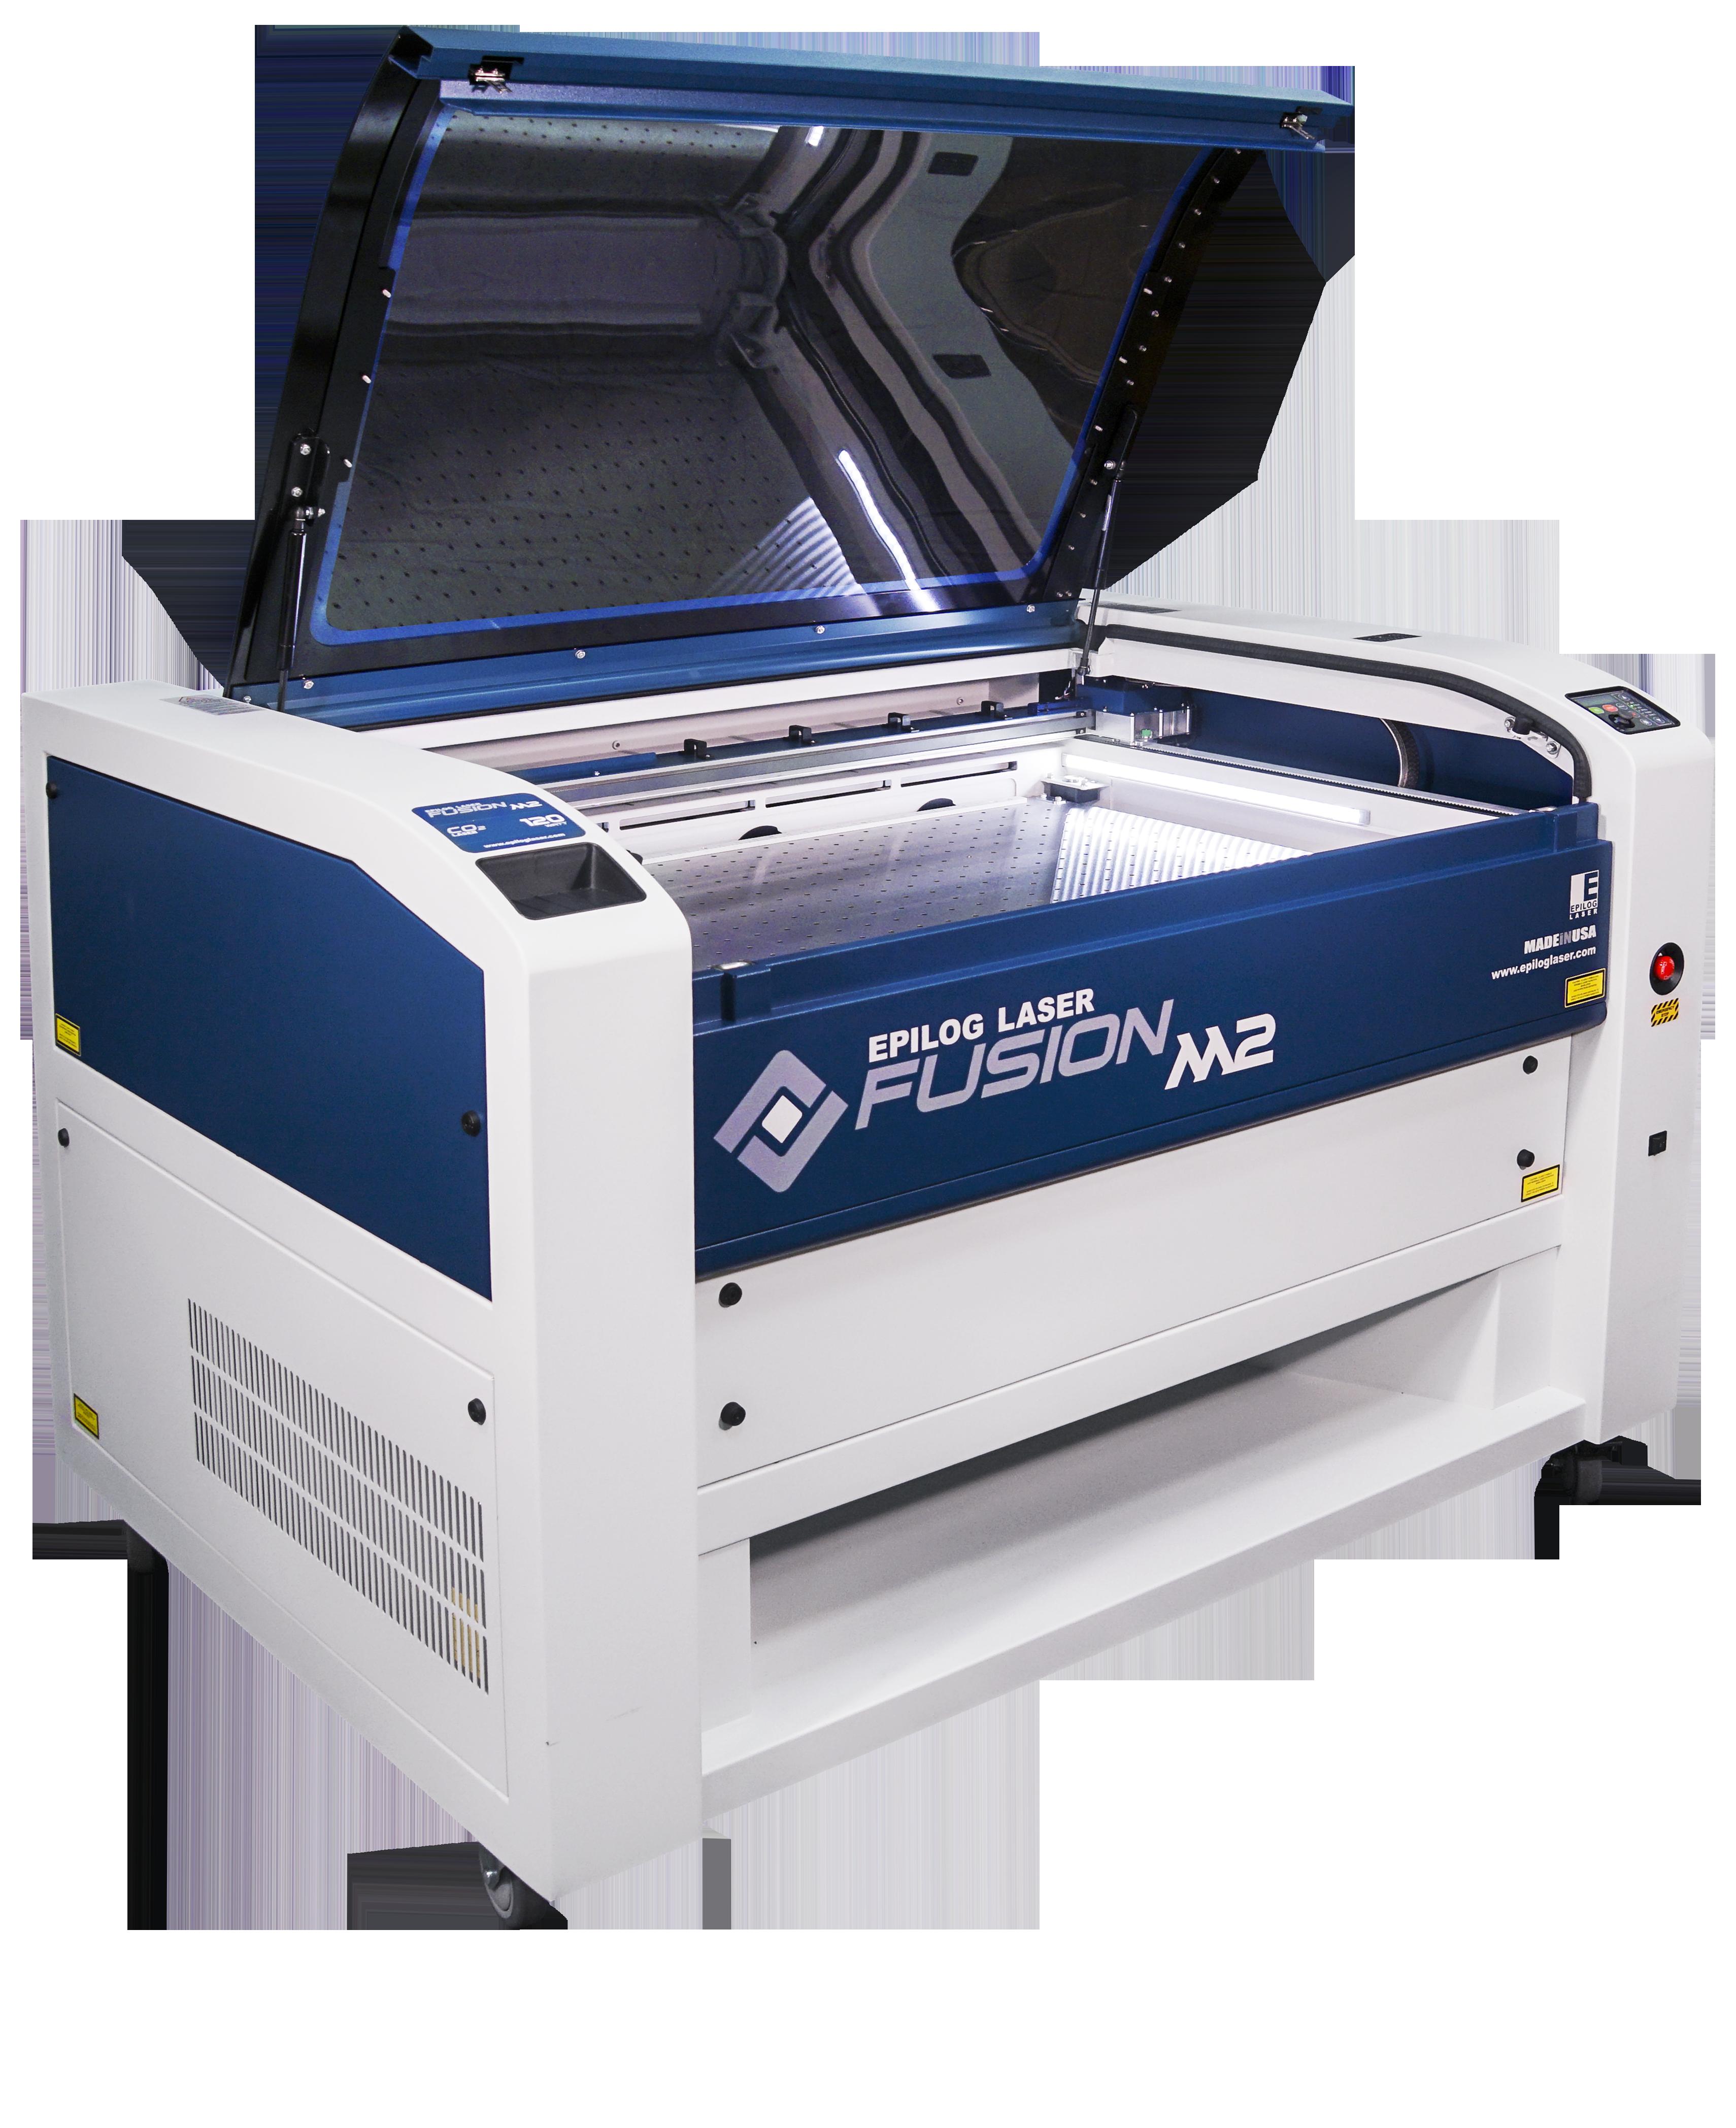 Epilog Fusion M2 Laser